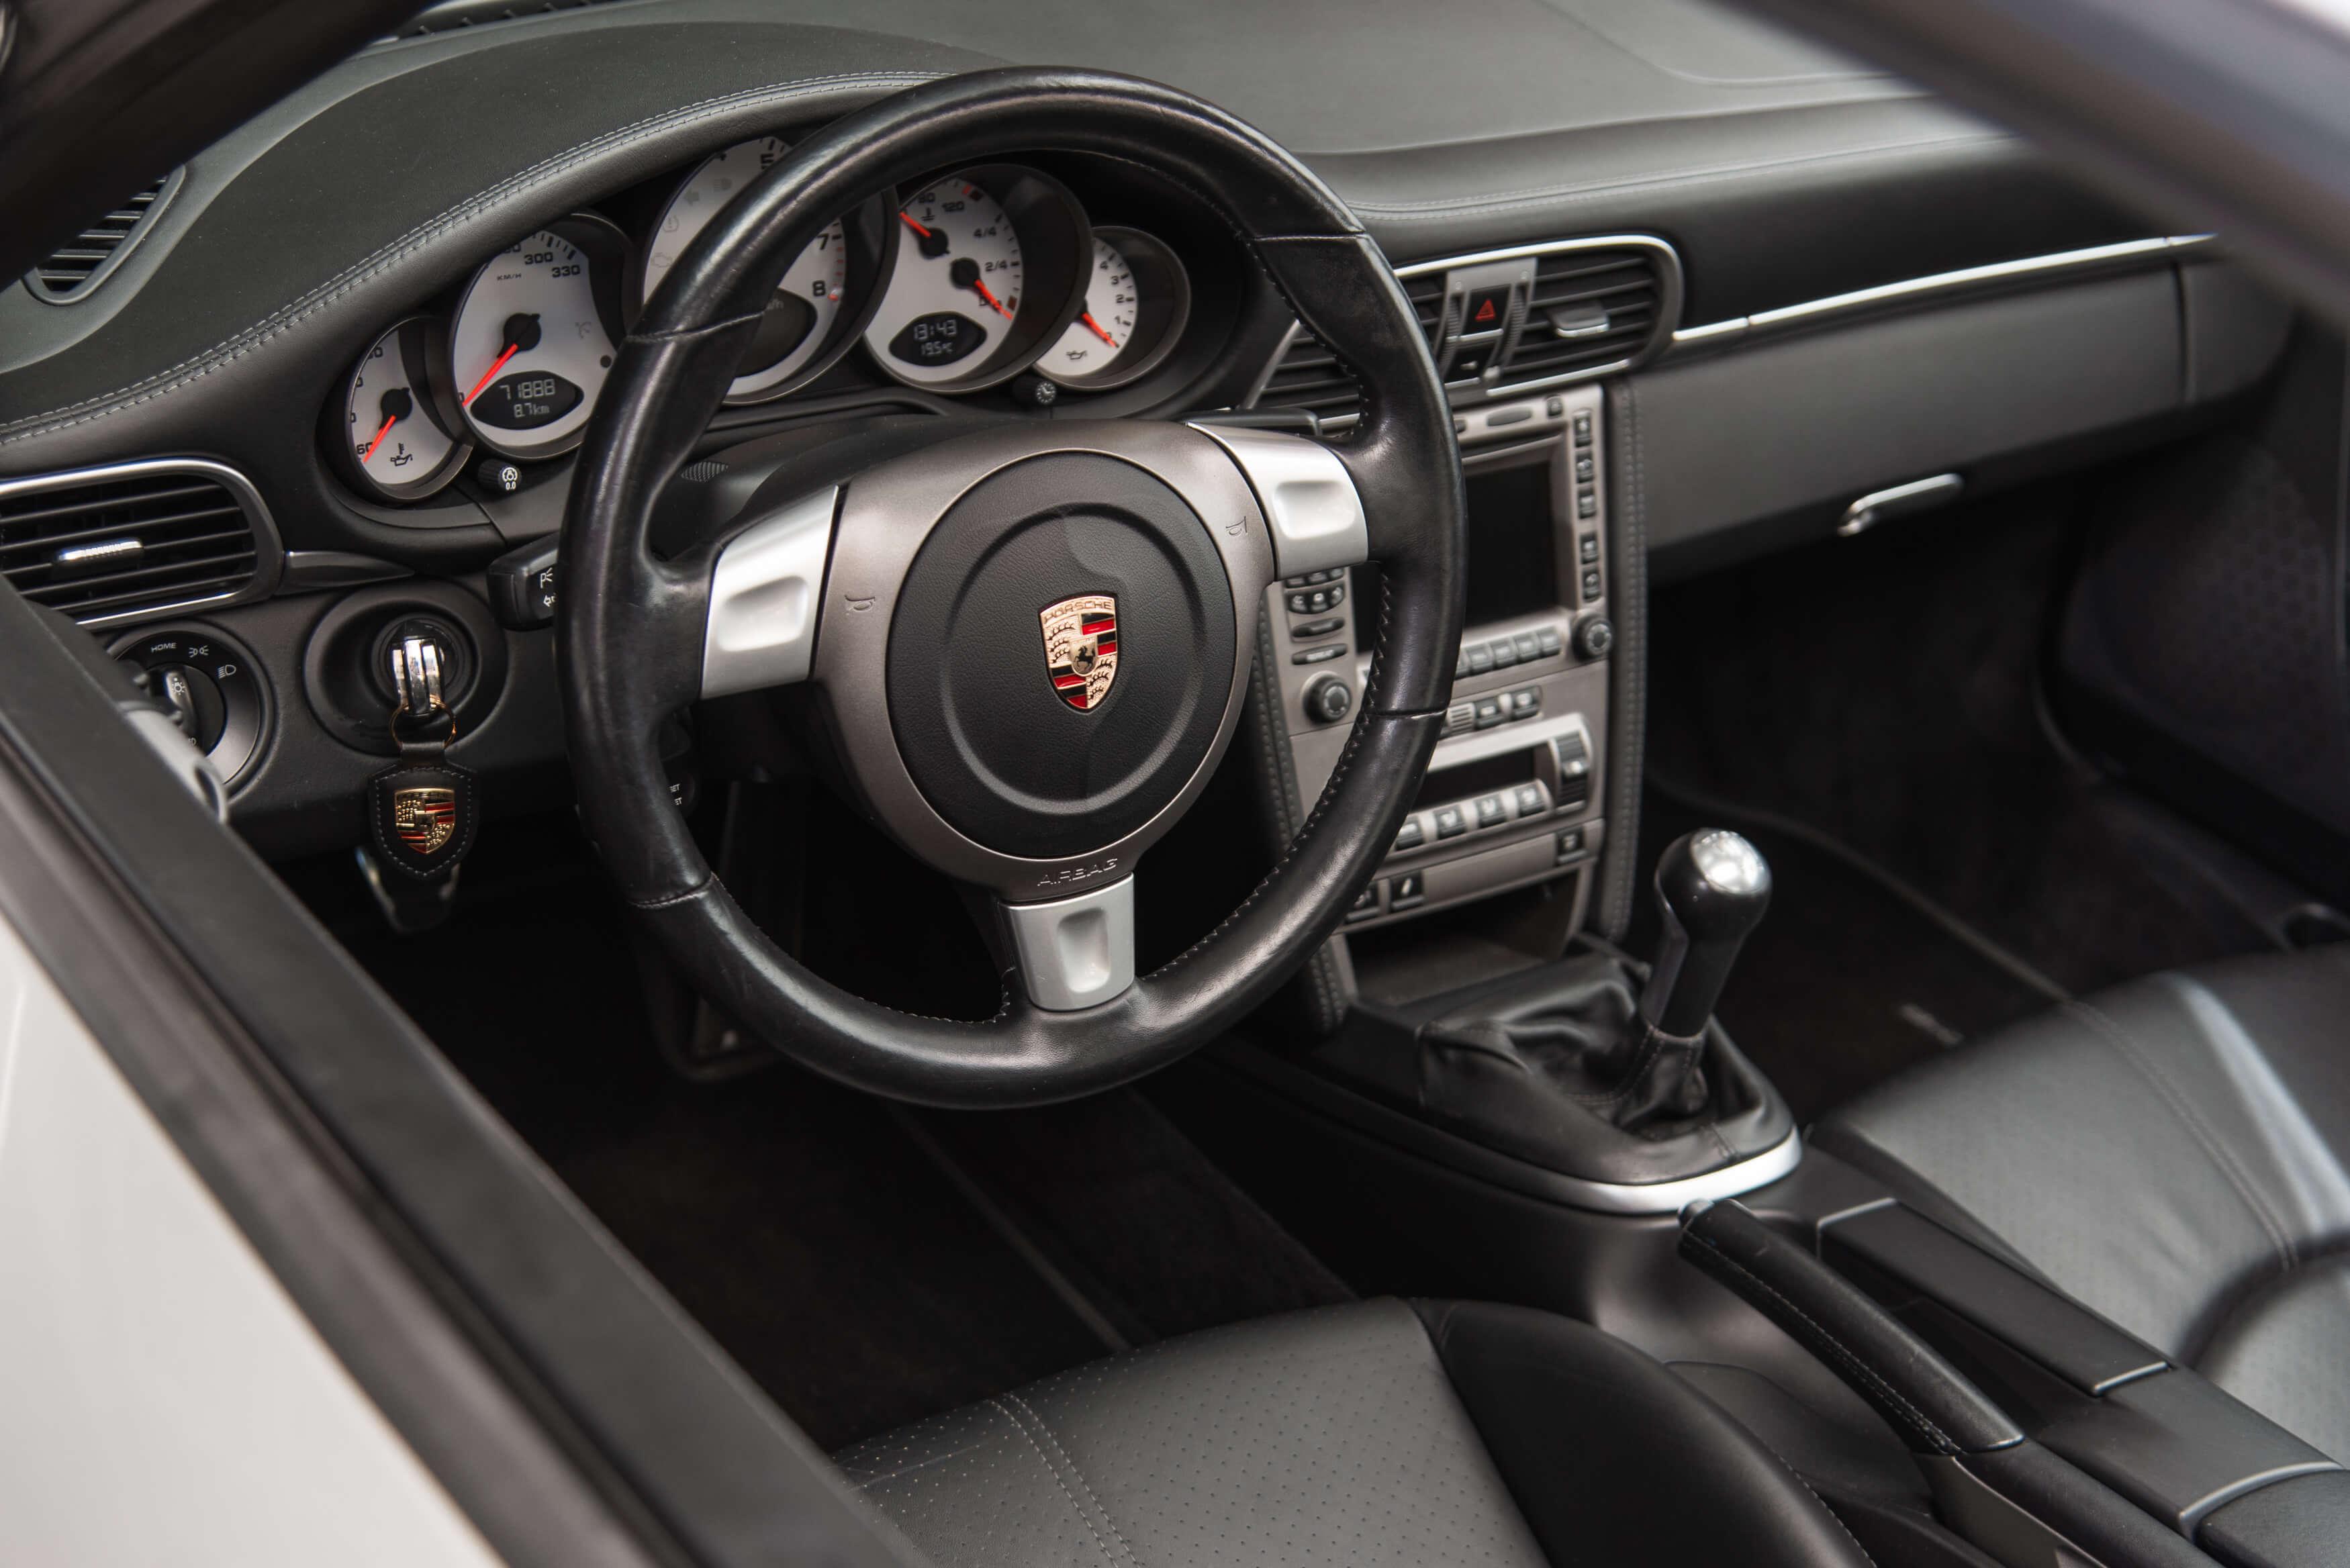 Porsche 997 Carrera S handgeschakeld Car Service Visser gespecialiseerd in Porsche - 21